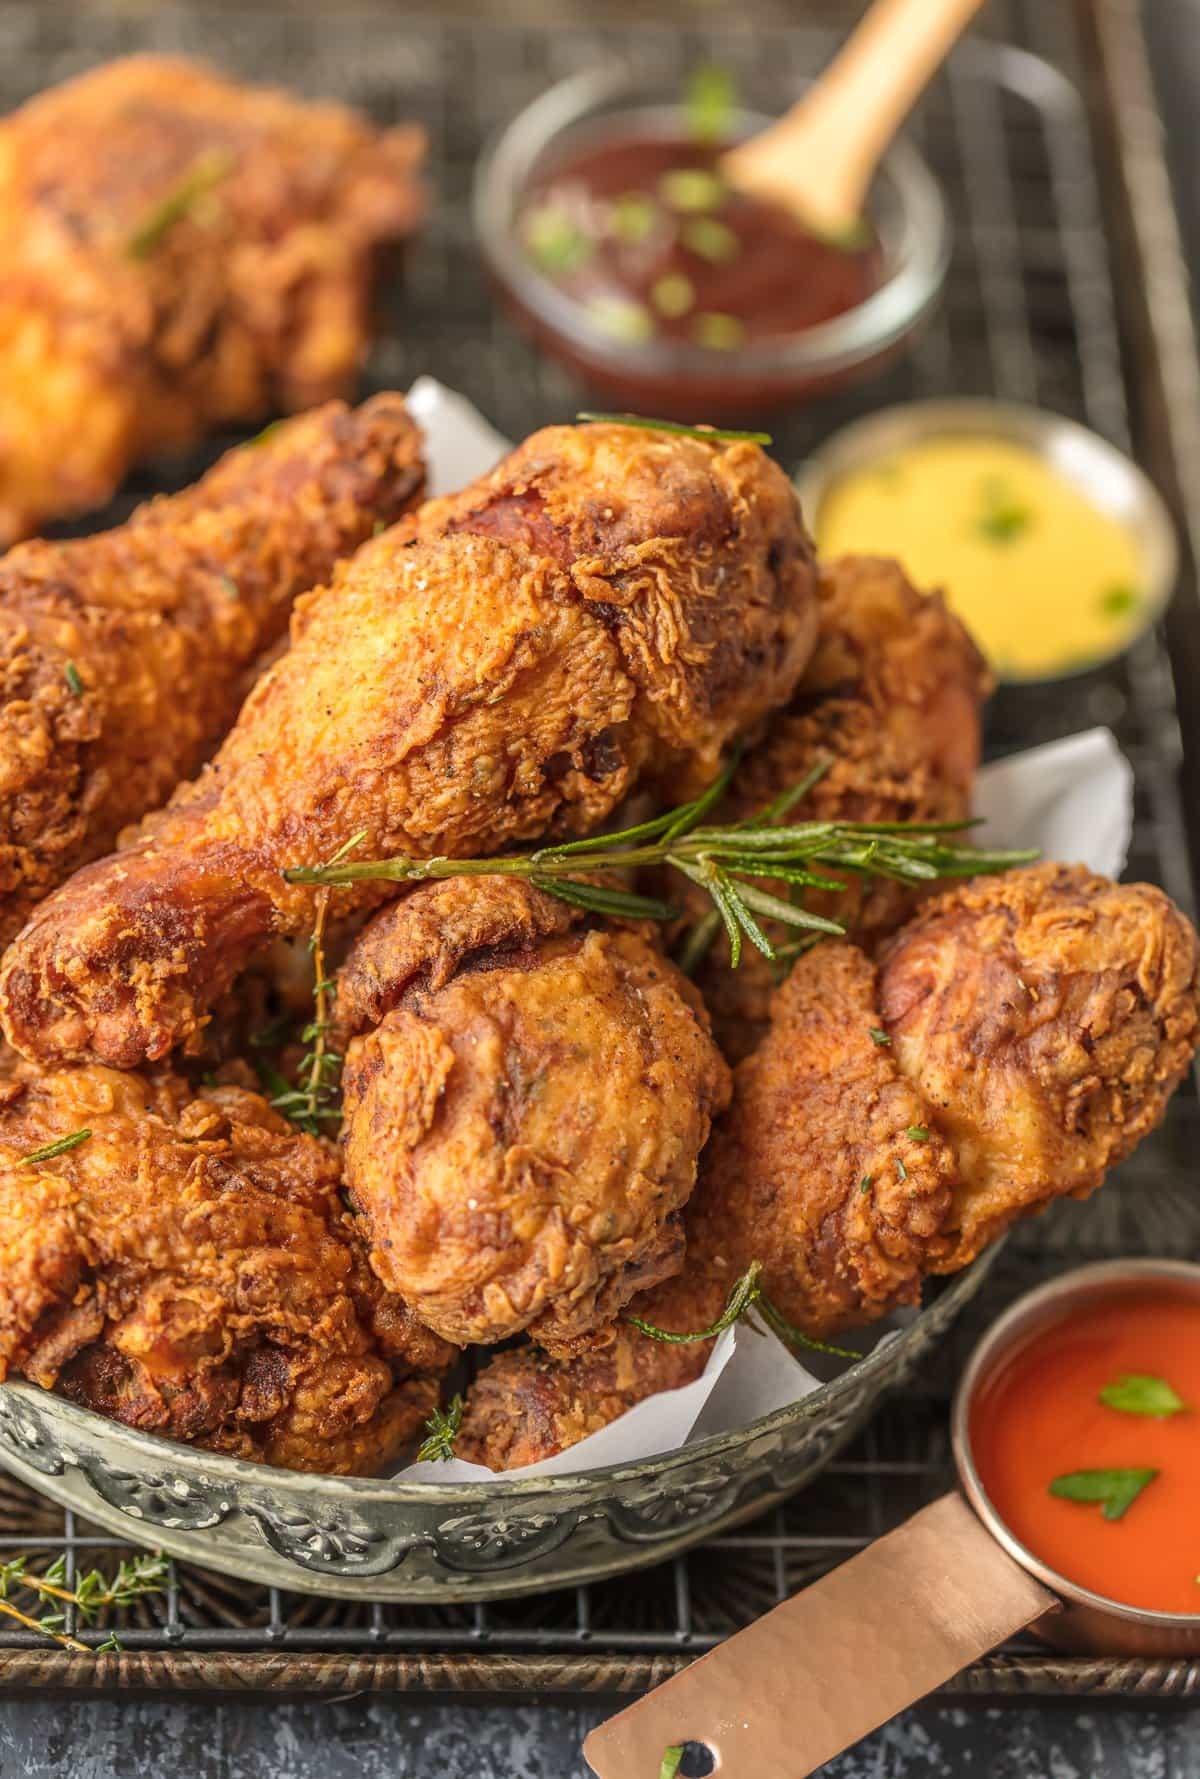 What Is Chicken Fried Chicken  Buttermilk Fried Chicken Recipe BEST EVER [VIDEO ]